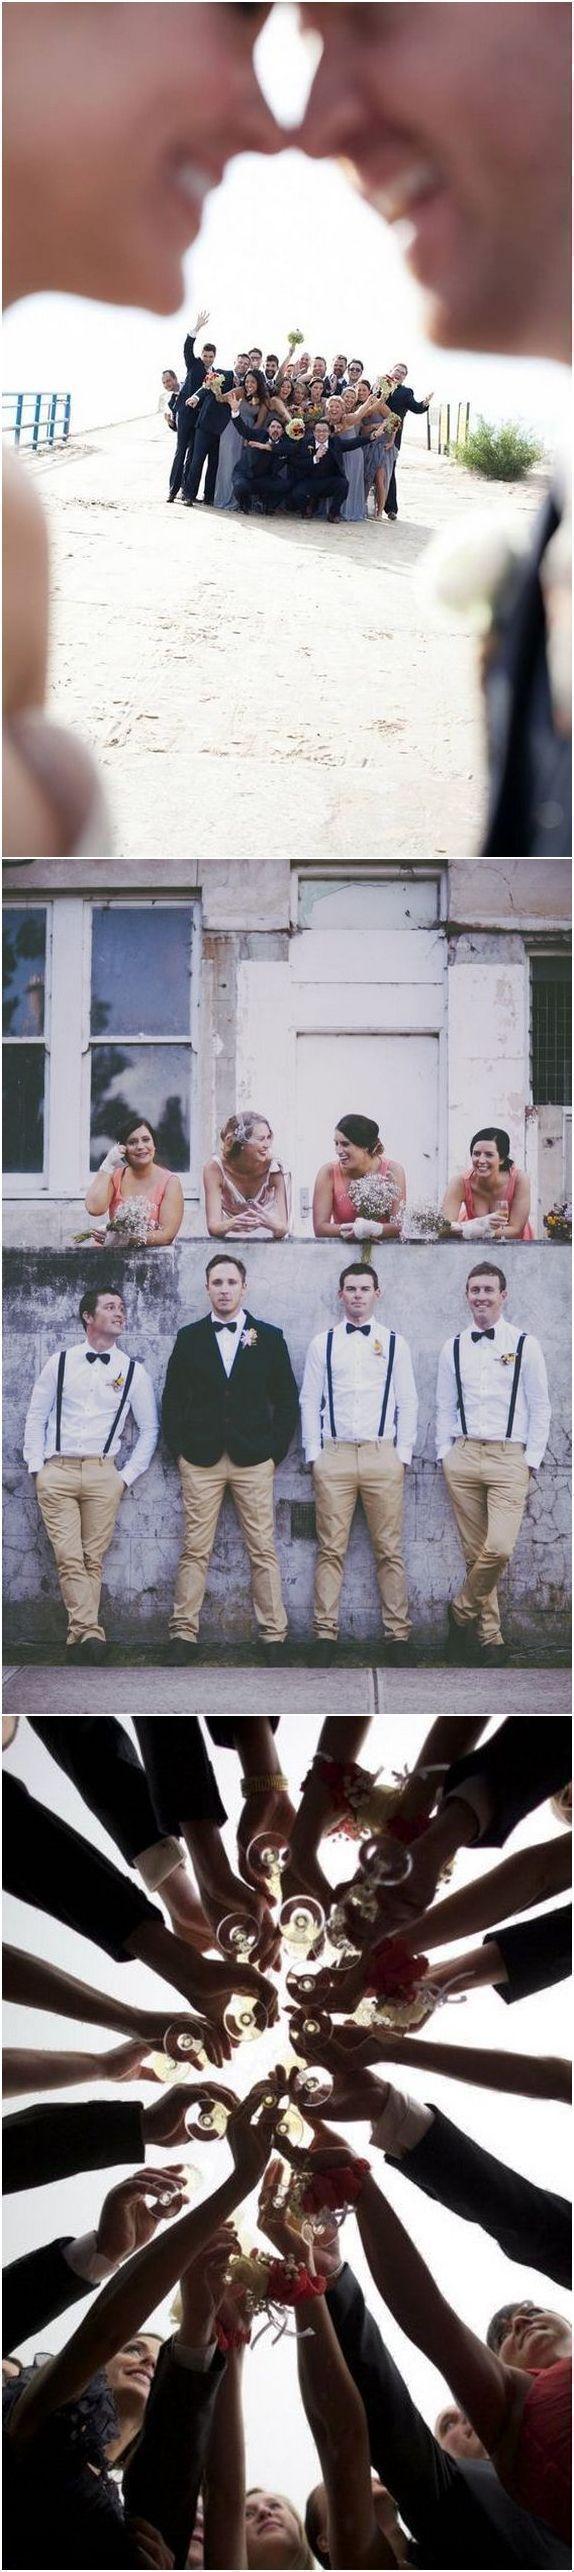 funny groomsmen wedding photo ideas / http://www.deerpearlflowers.com/fun-groomsmen-photo-ideas-and-poses/ #weddings #photos #weddingphotos #funnyweddingphotos